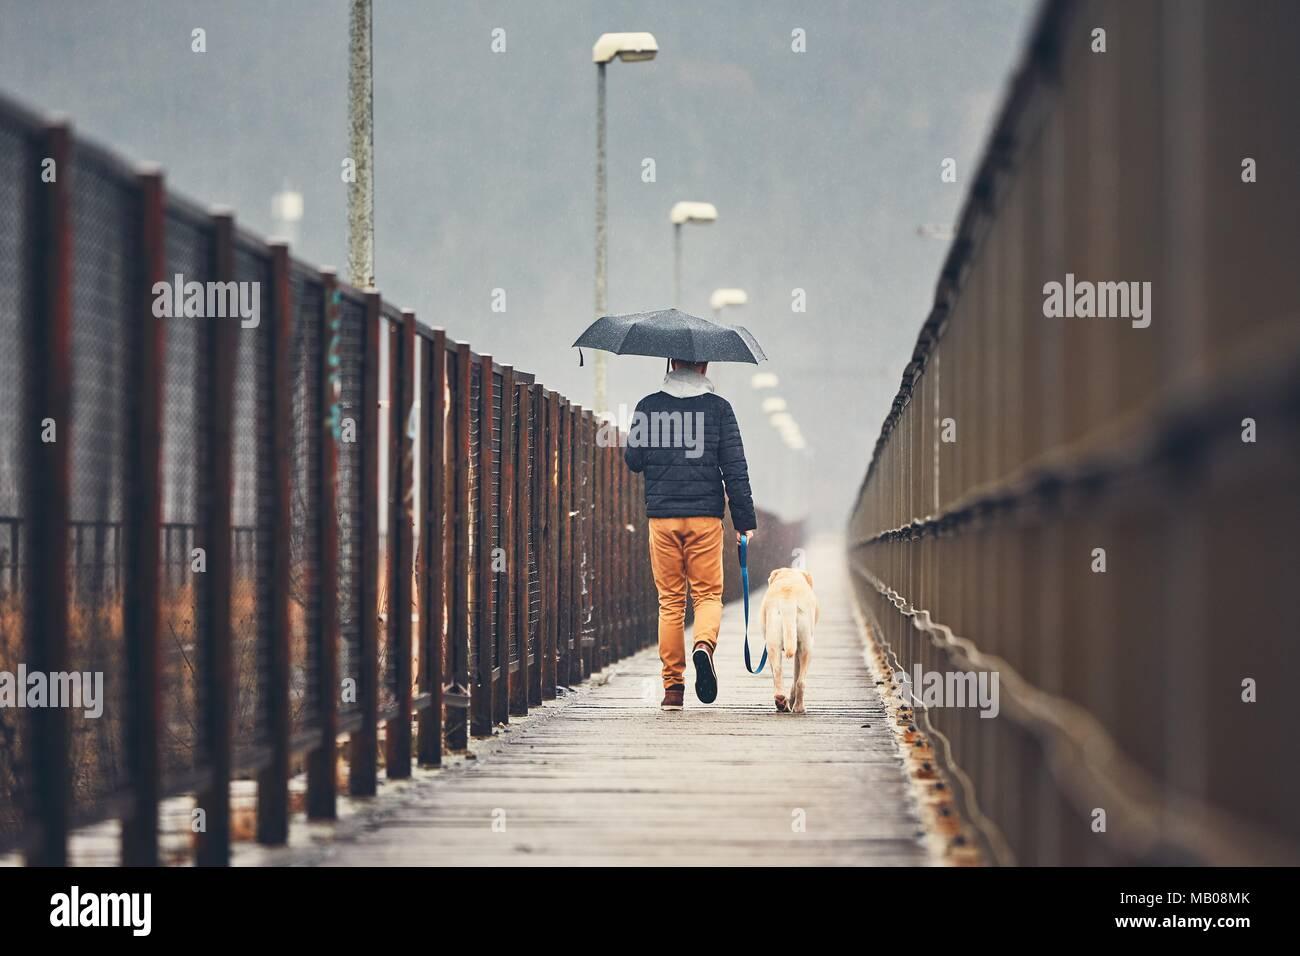 Düstere Wetter in der Stadt. Mann mit seinem Hund (Labrador Retriever) wandern im Regen auf der Brücke. Prag, Tschechische Republik Stockbild